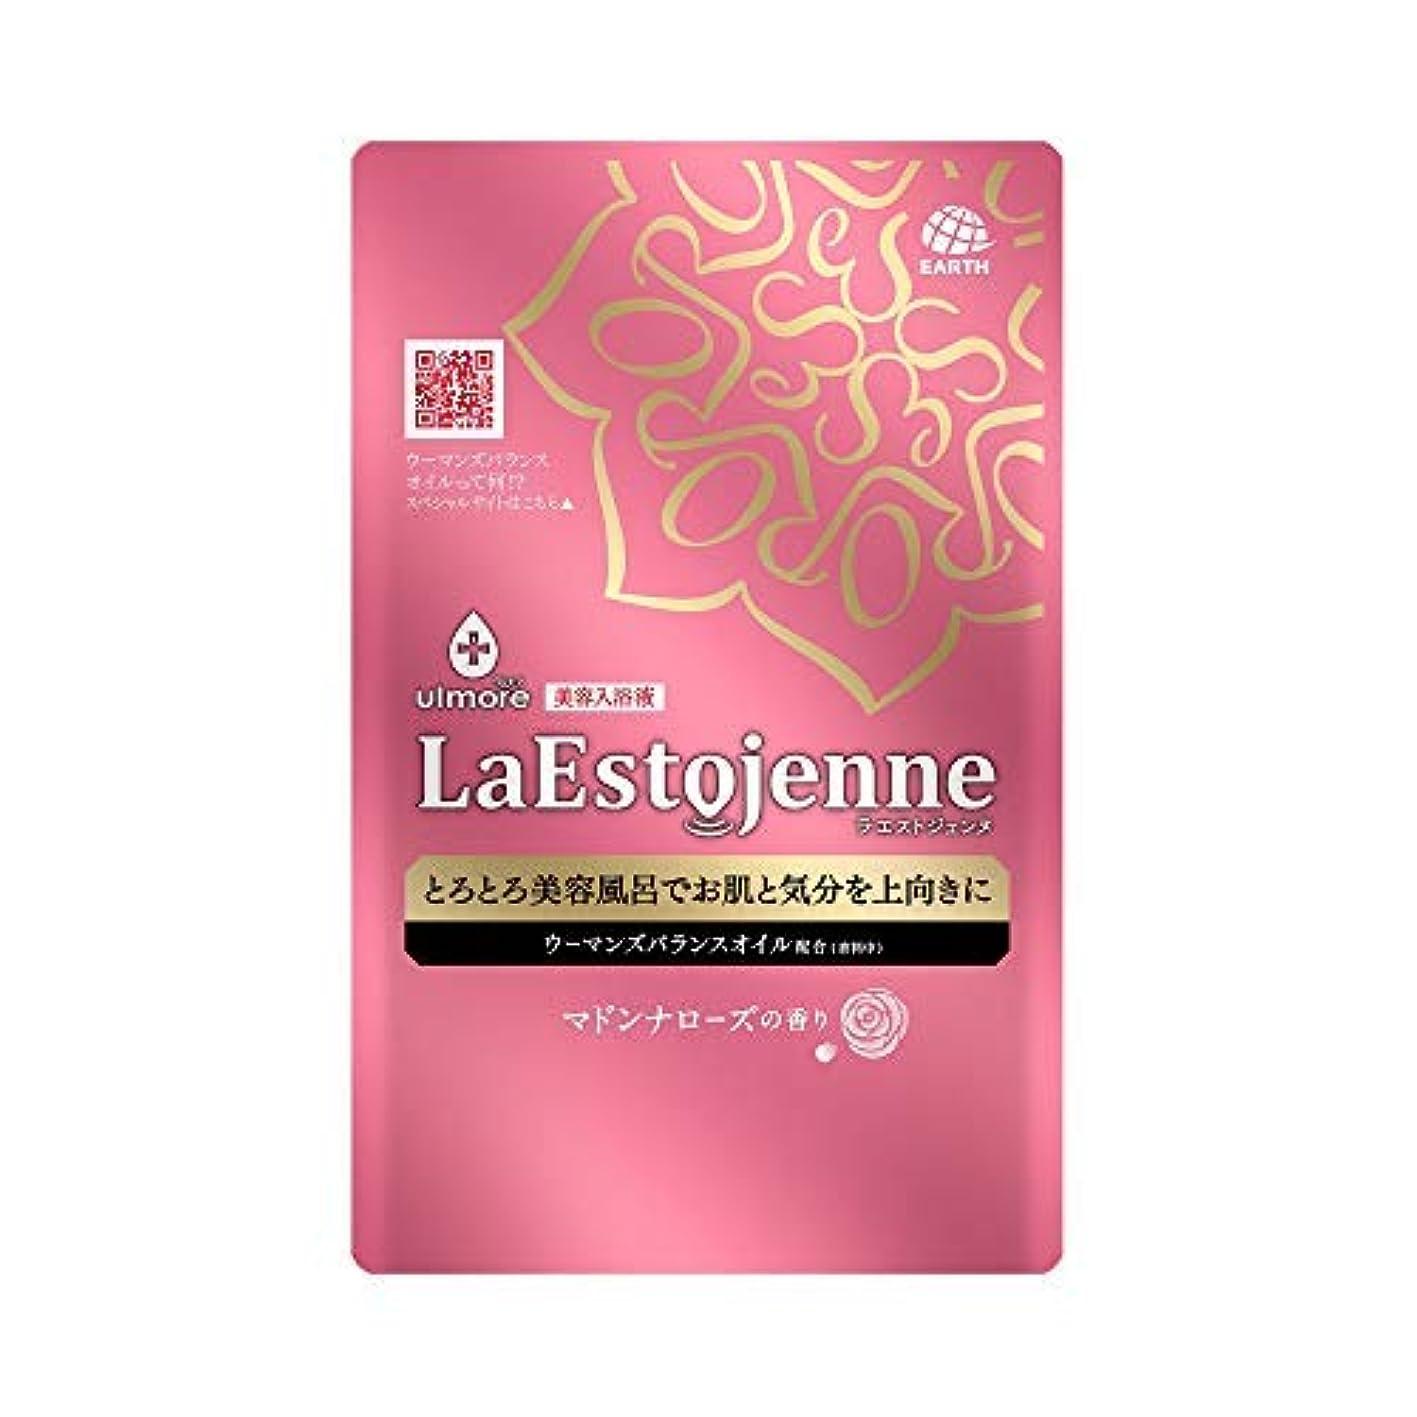 バッフルコンパクトわかりやすいウルモア ラエストジェンヌ マドンナローズの香り 1包 × 4個セット